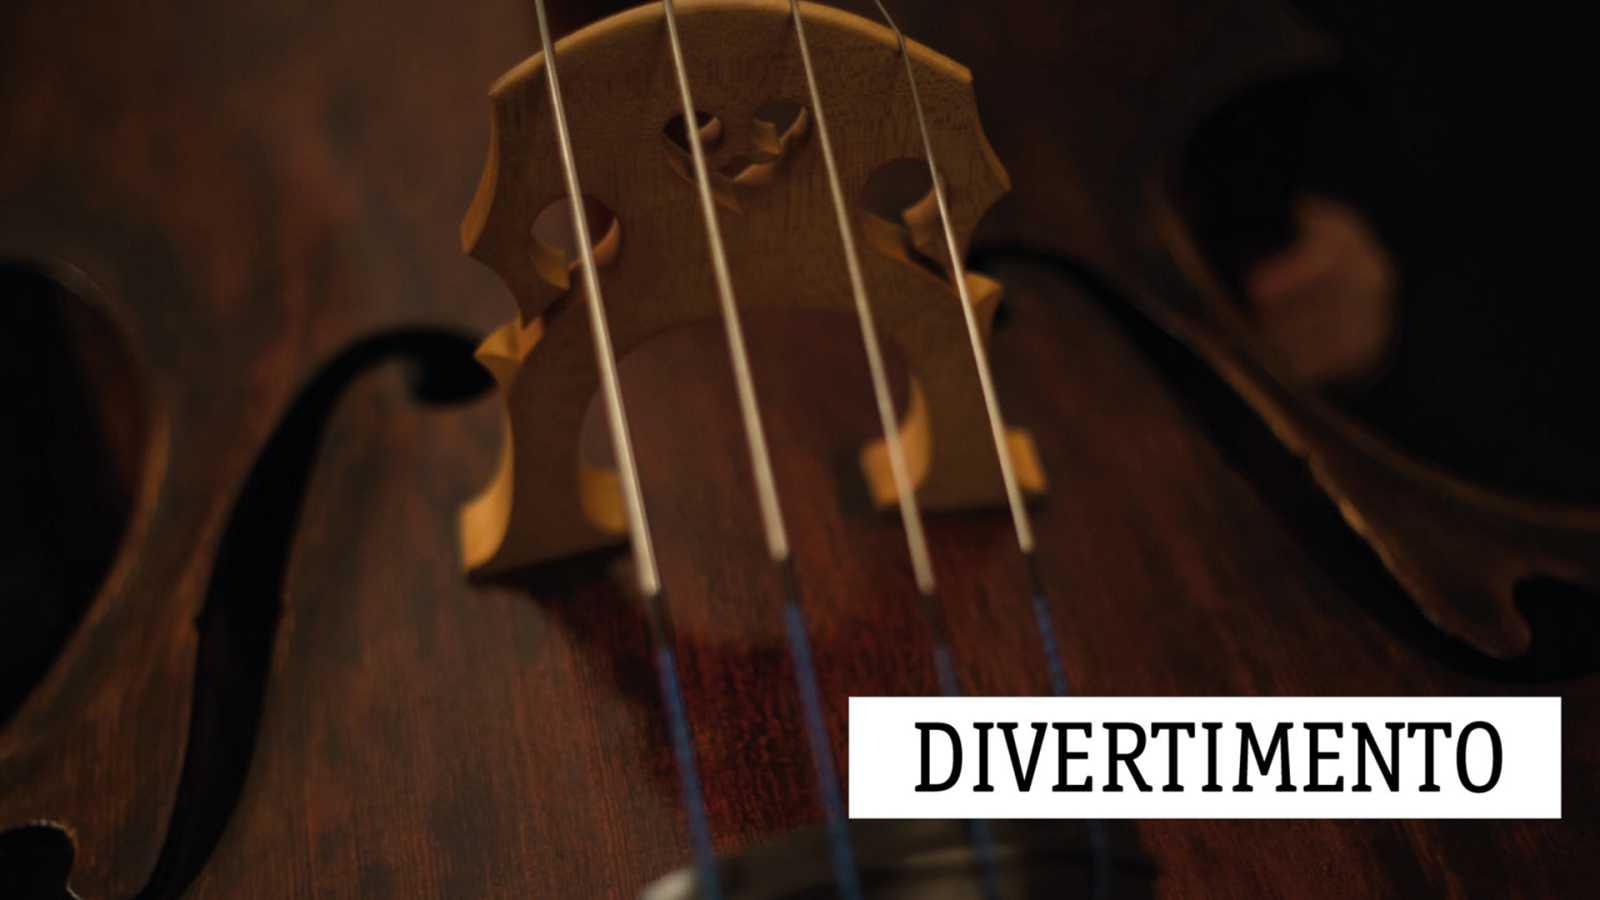 Divertimento - Una broma musical - 28/12/20 - escuchar ahora